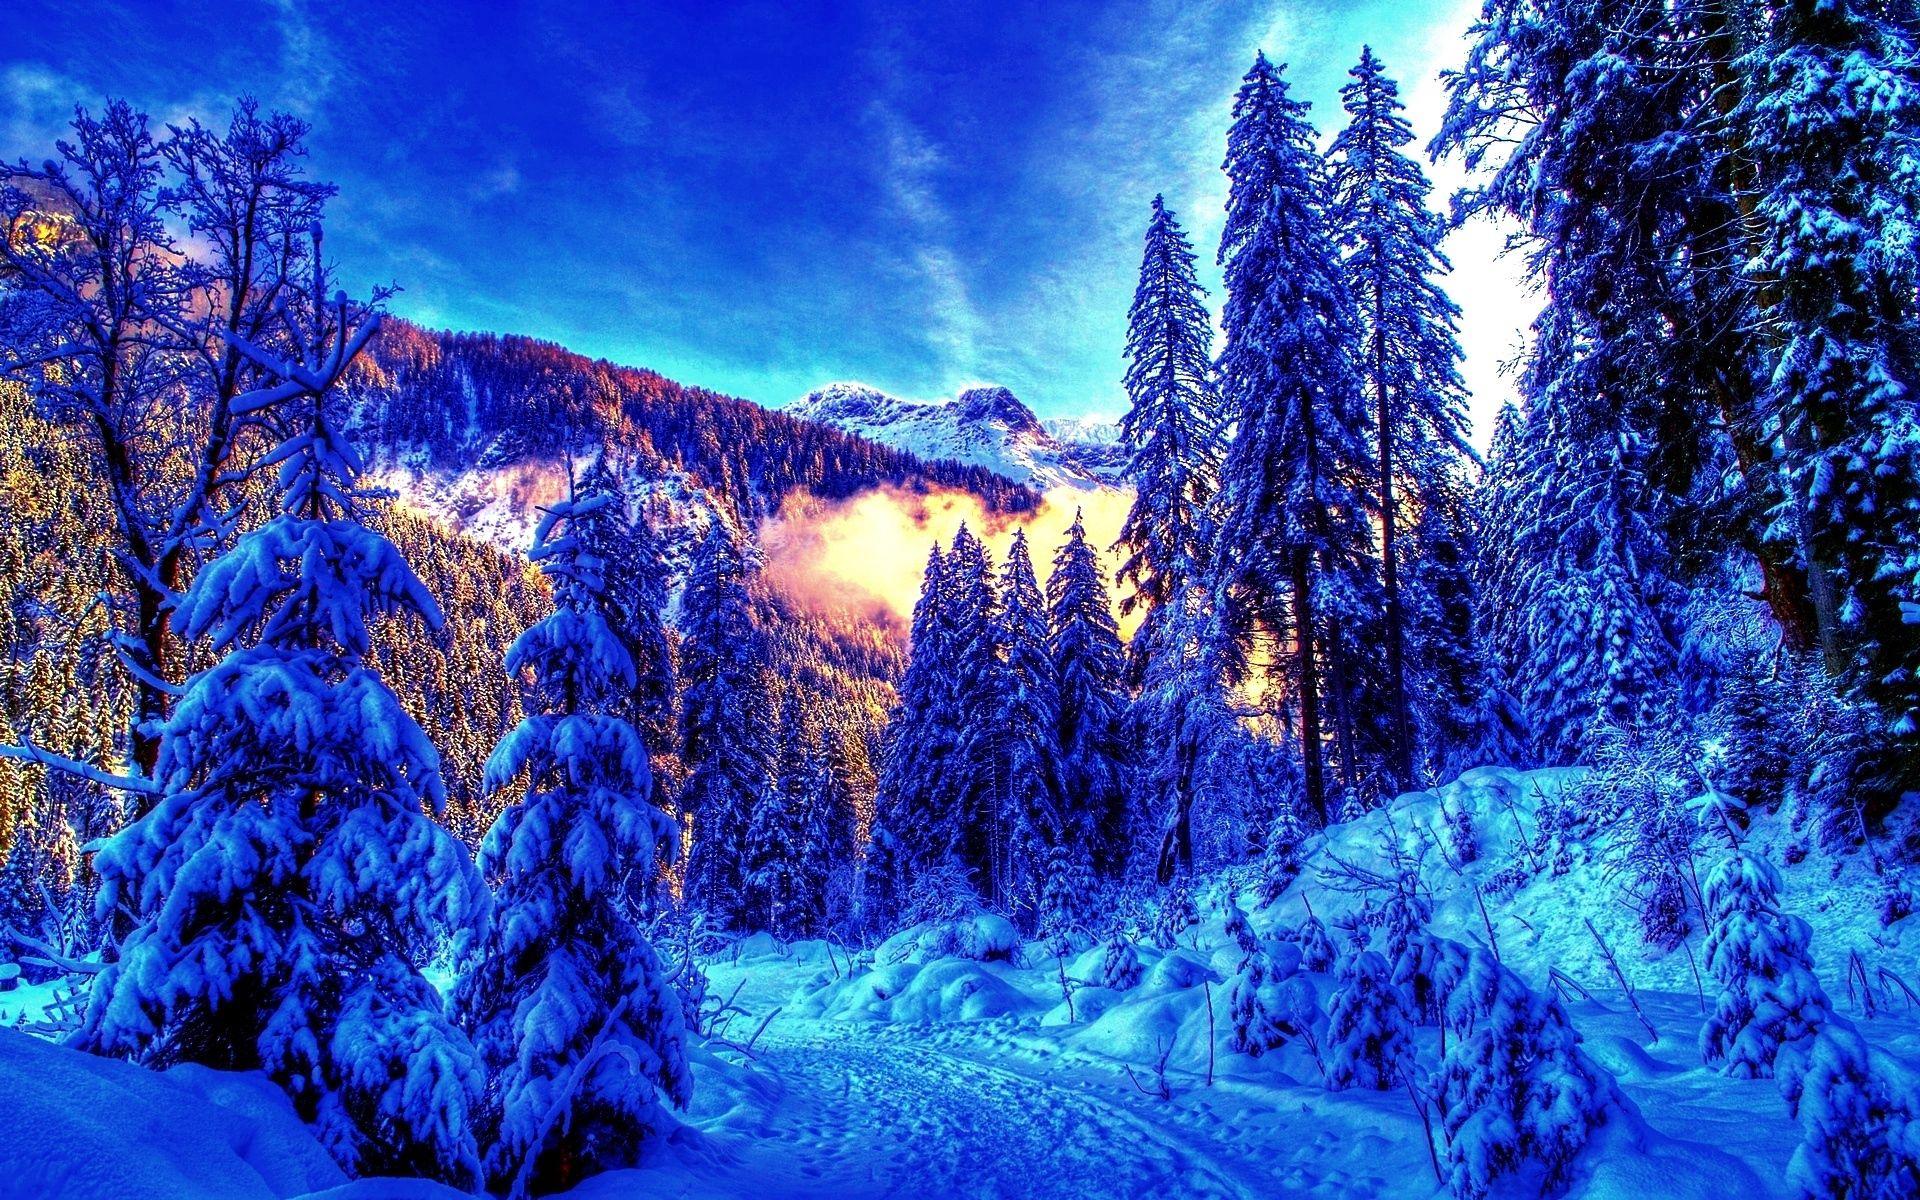 86218 Hintergrundbild herunterladen Licht, Winterreifen, Natur, Bäume, Scheinen, Wald, Farbe, Morgen, Farben, Erwachen - Bildschirmschoner und Bilder kostenlos